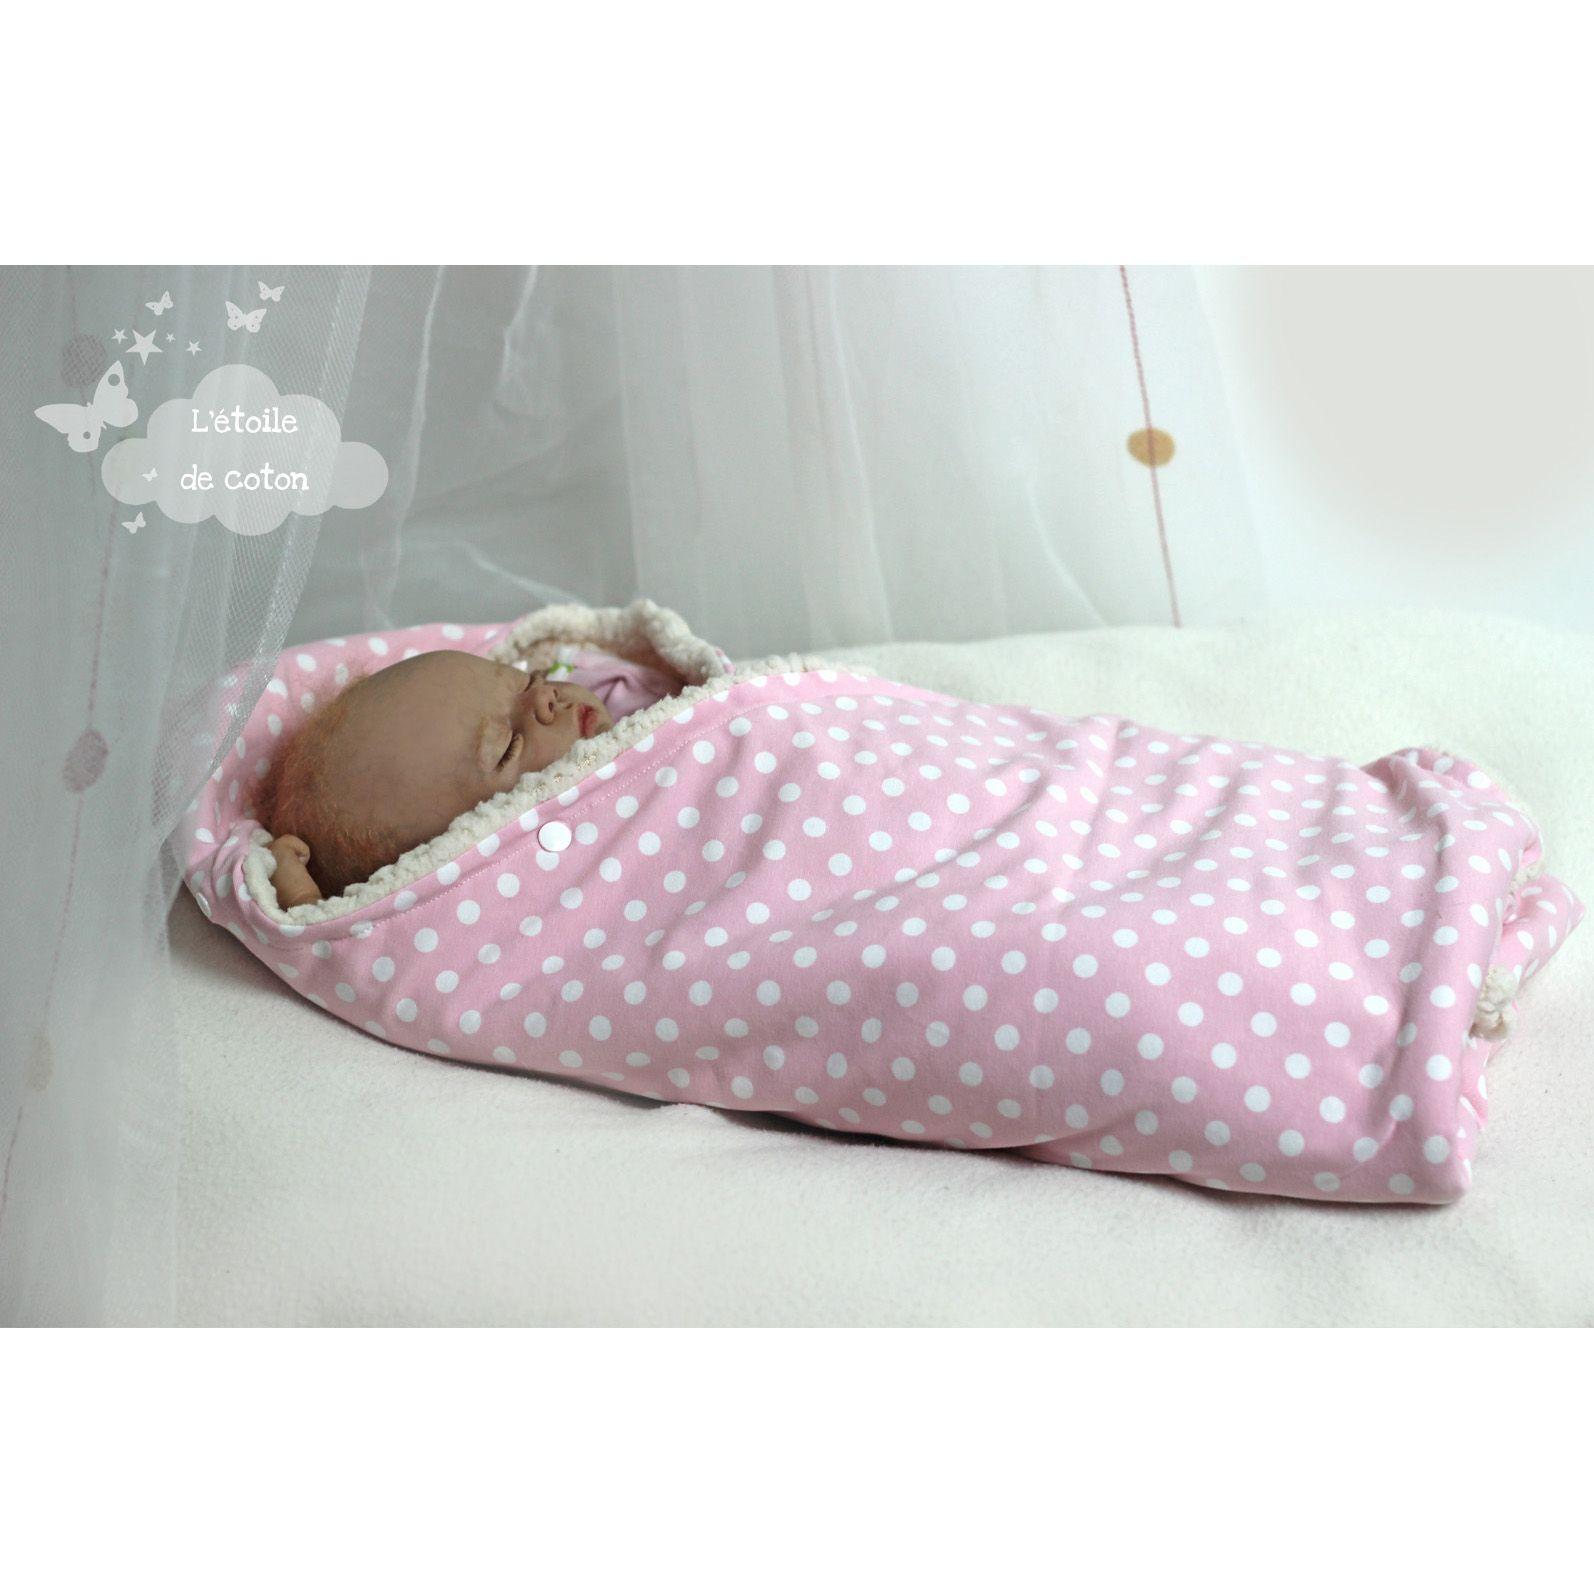 Nid d'ange, Tuto gratuit et simple pour bébé - Idée Couture facile